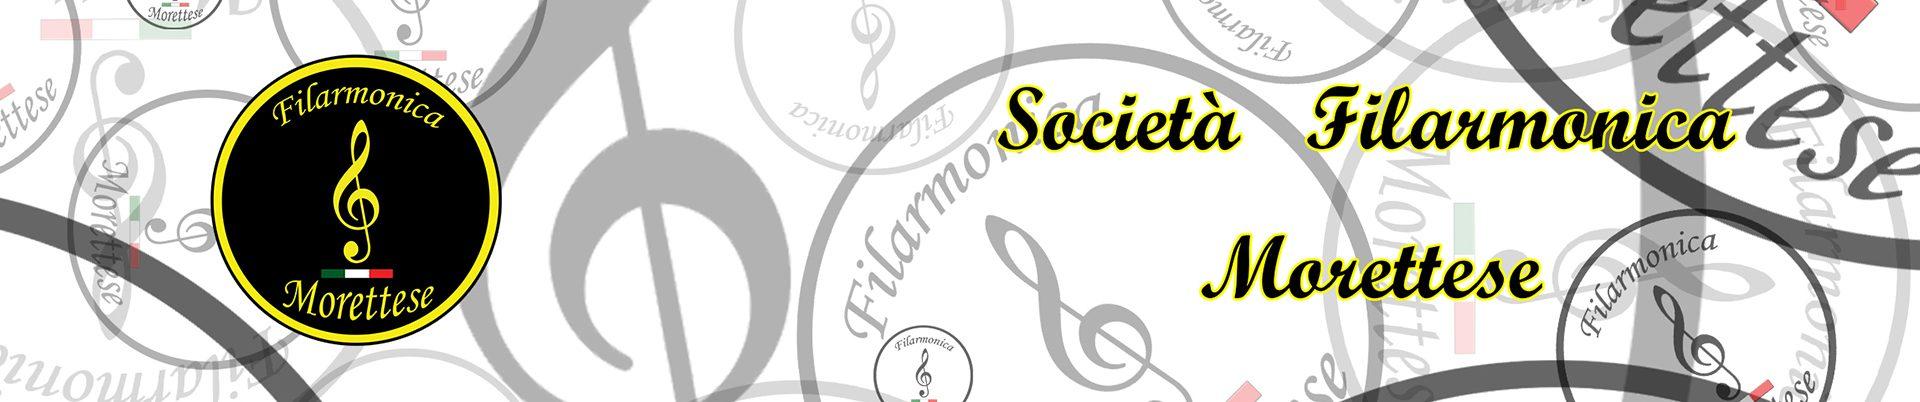 Filarmonica Morettese